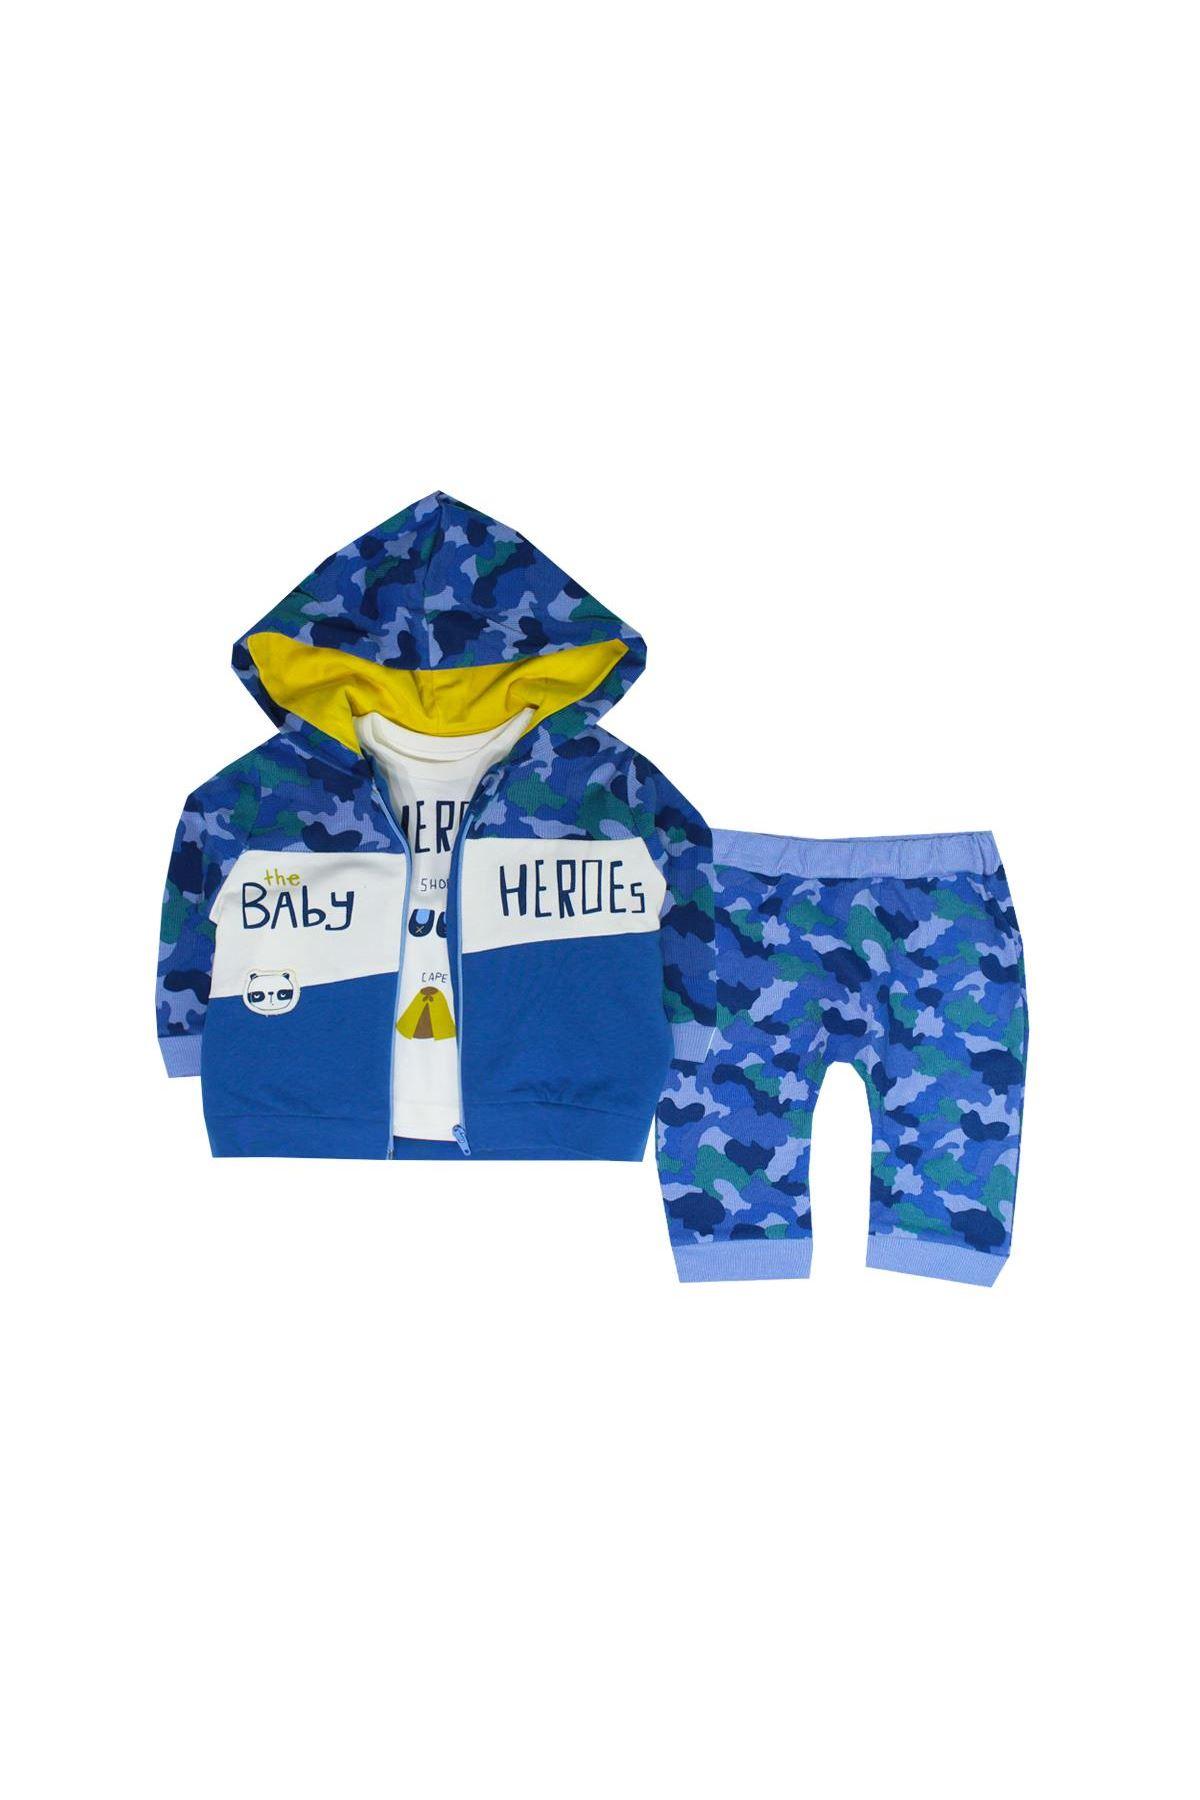 Tongs Baby 3 lü Bebe Takım 2684 Mavi